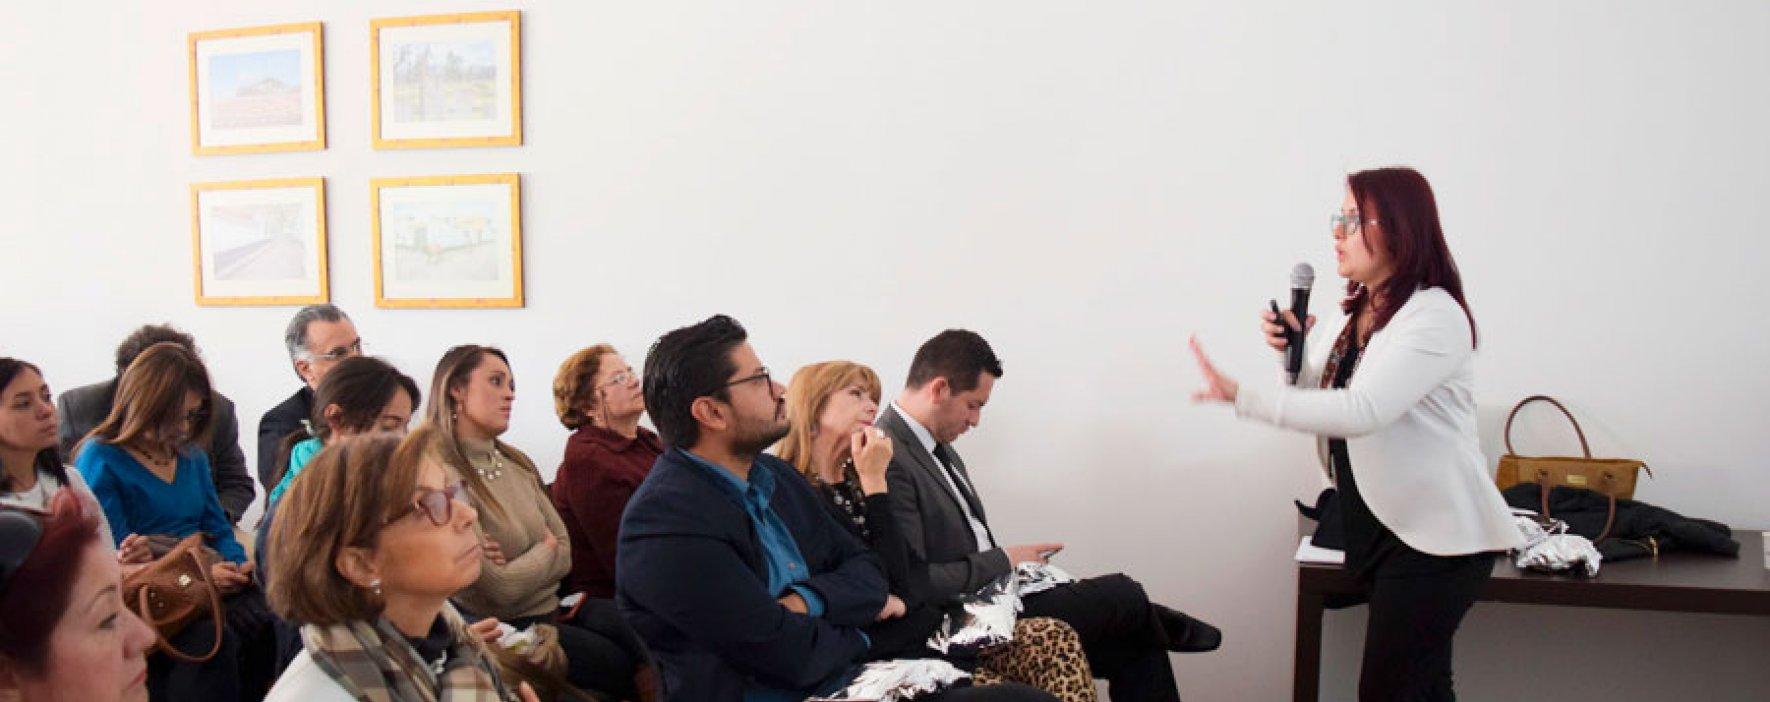 Debate sobre población desmovilizada en Compartir